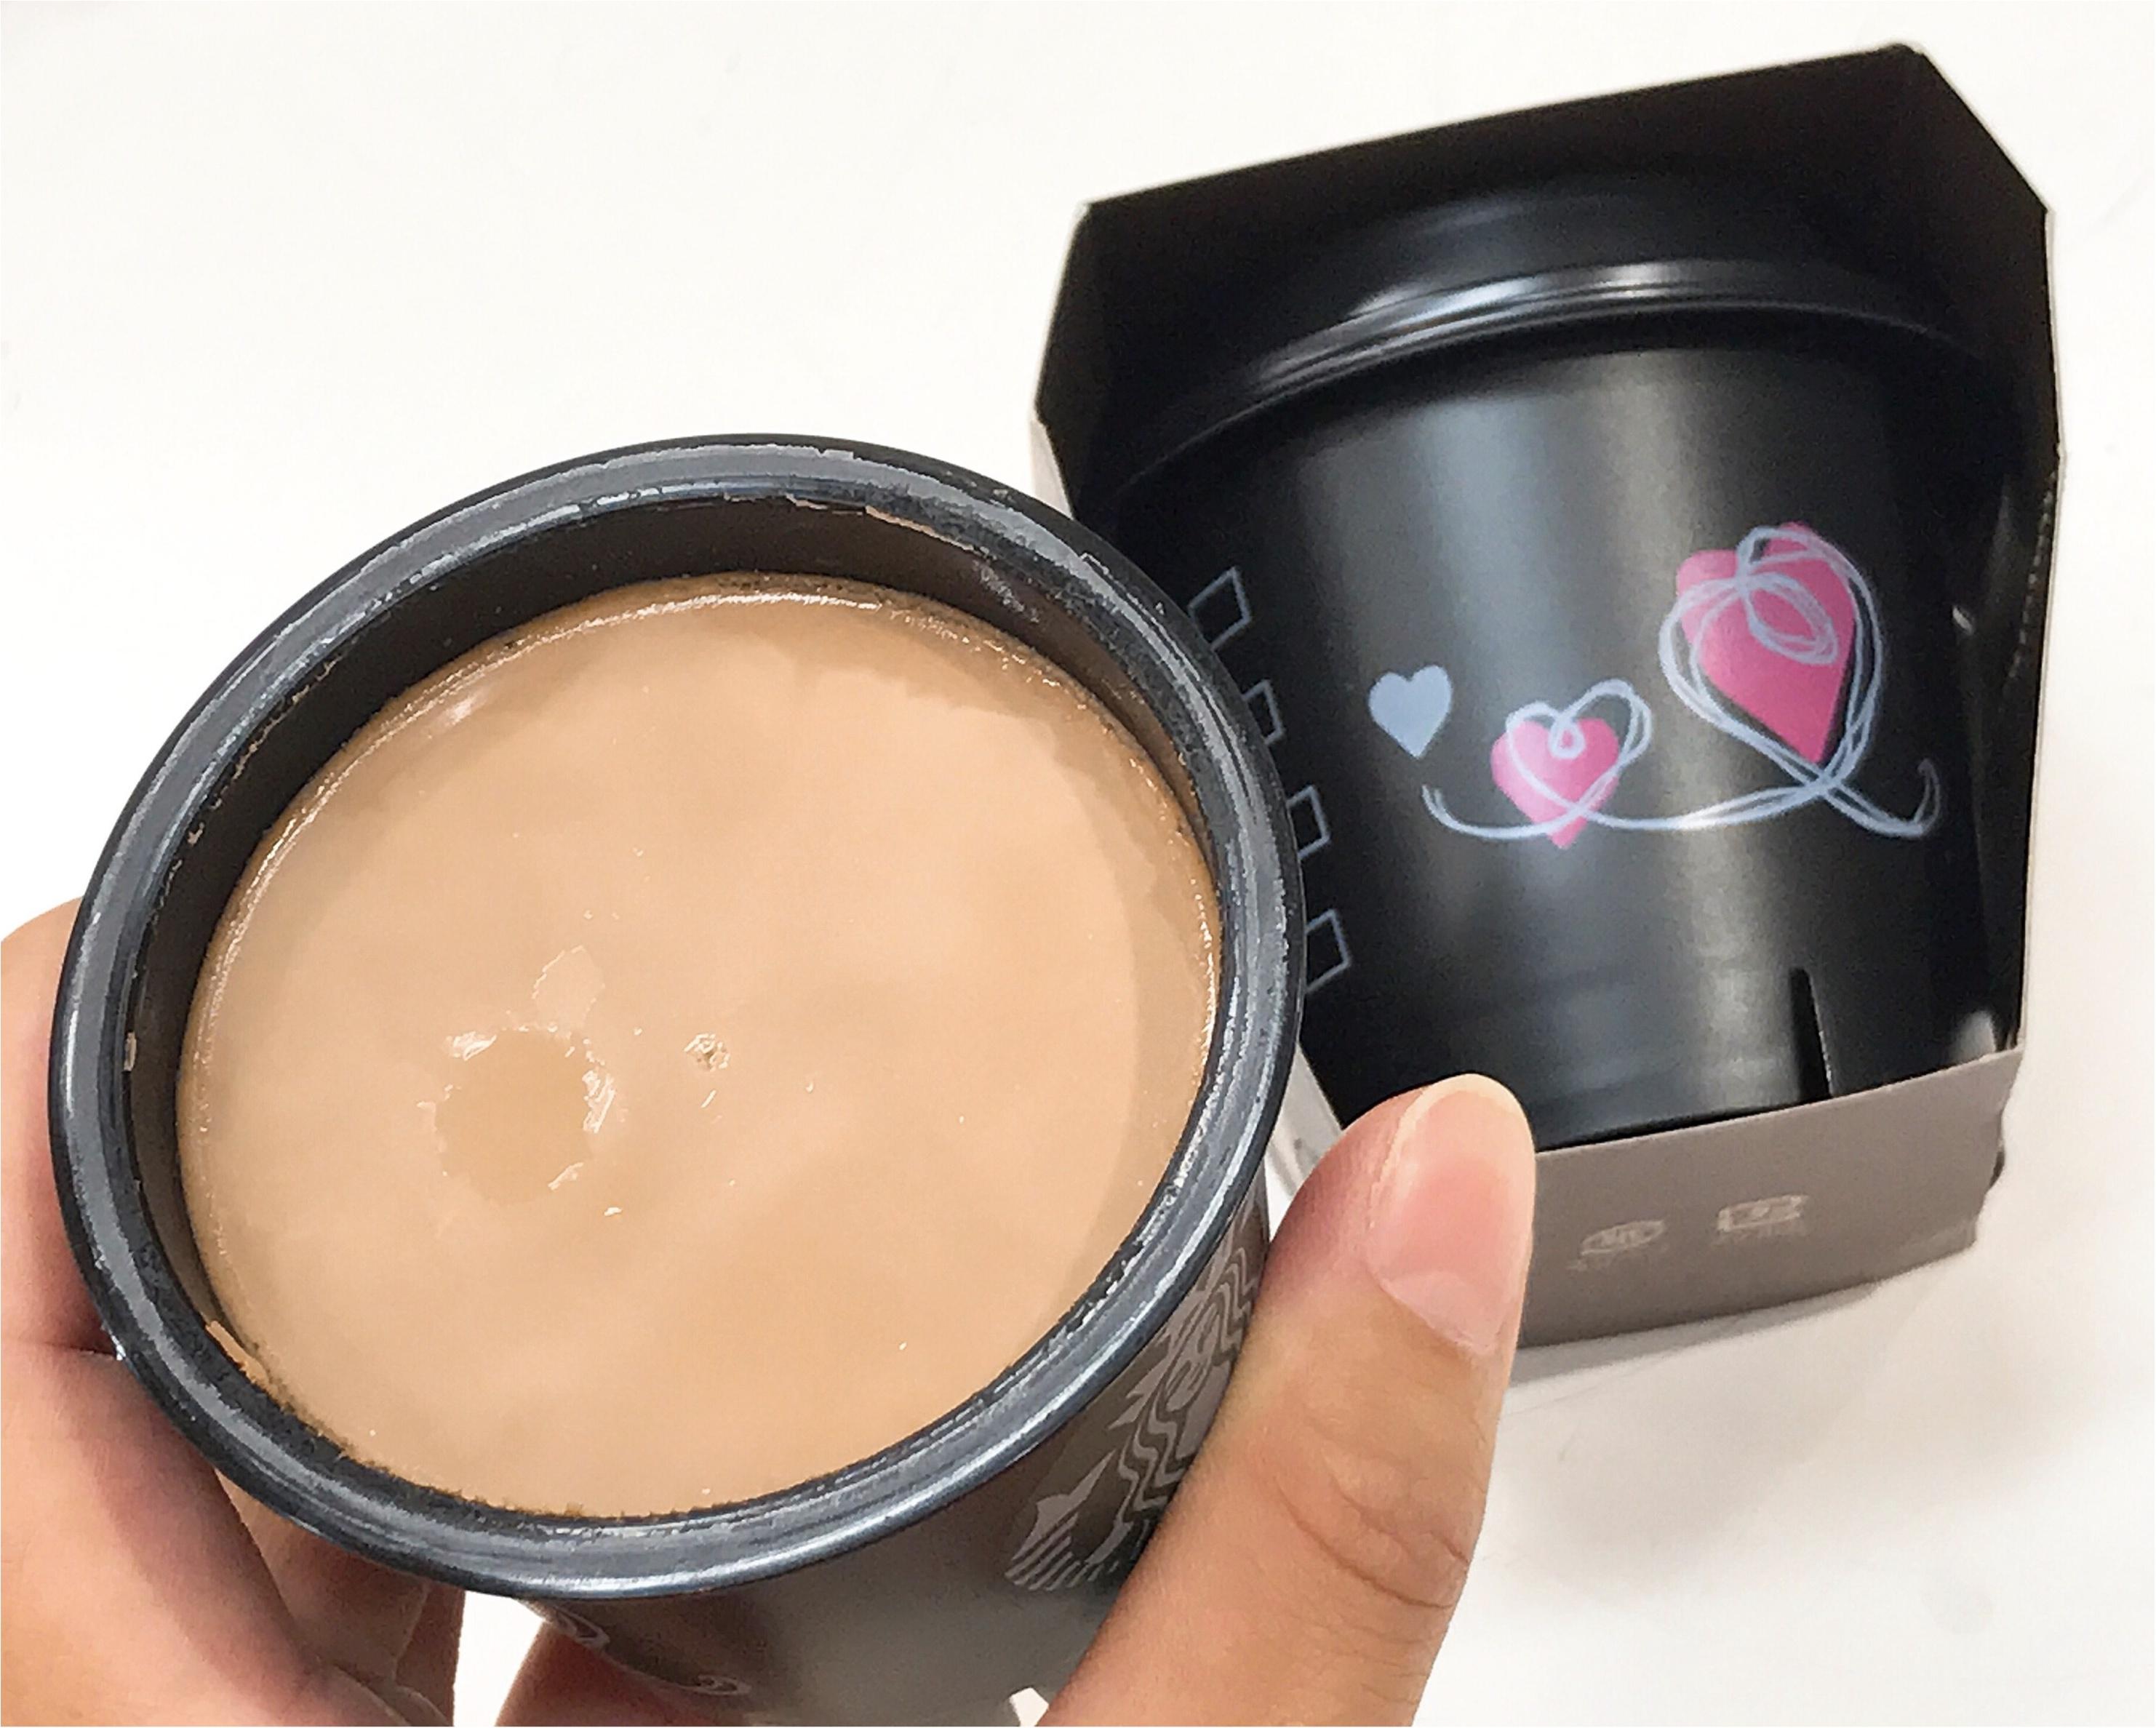 《今だけの限定‼︎》スタバの超人気【チョコレートプリン】のカップが可愛いバレンタイン仕様に♡食べ終わった後のプリンカップの活用法も教えちゃう( ´艸`)_3